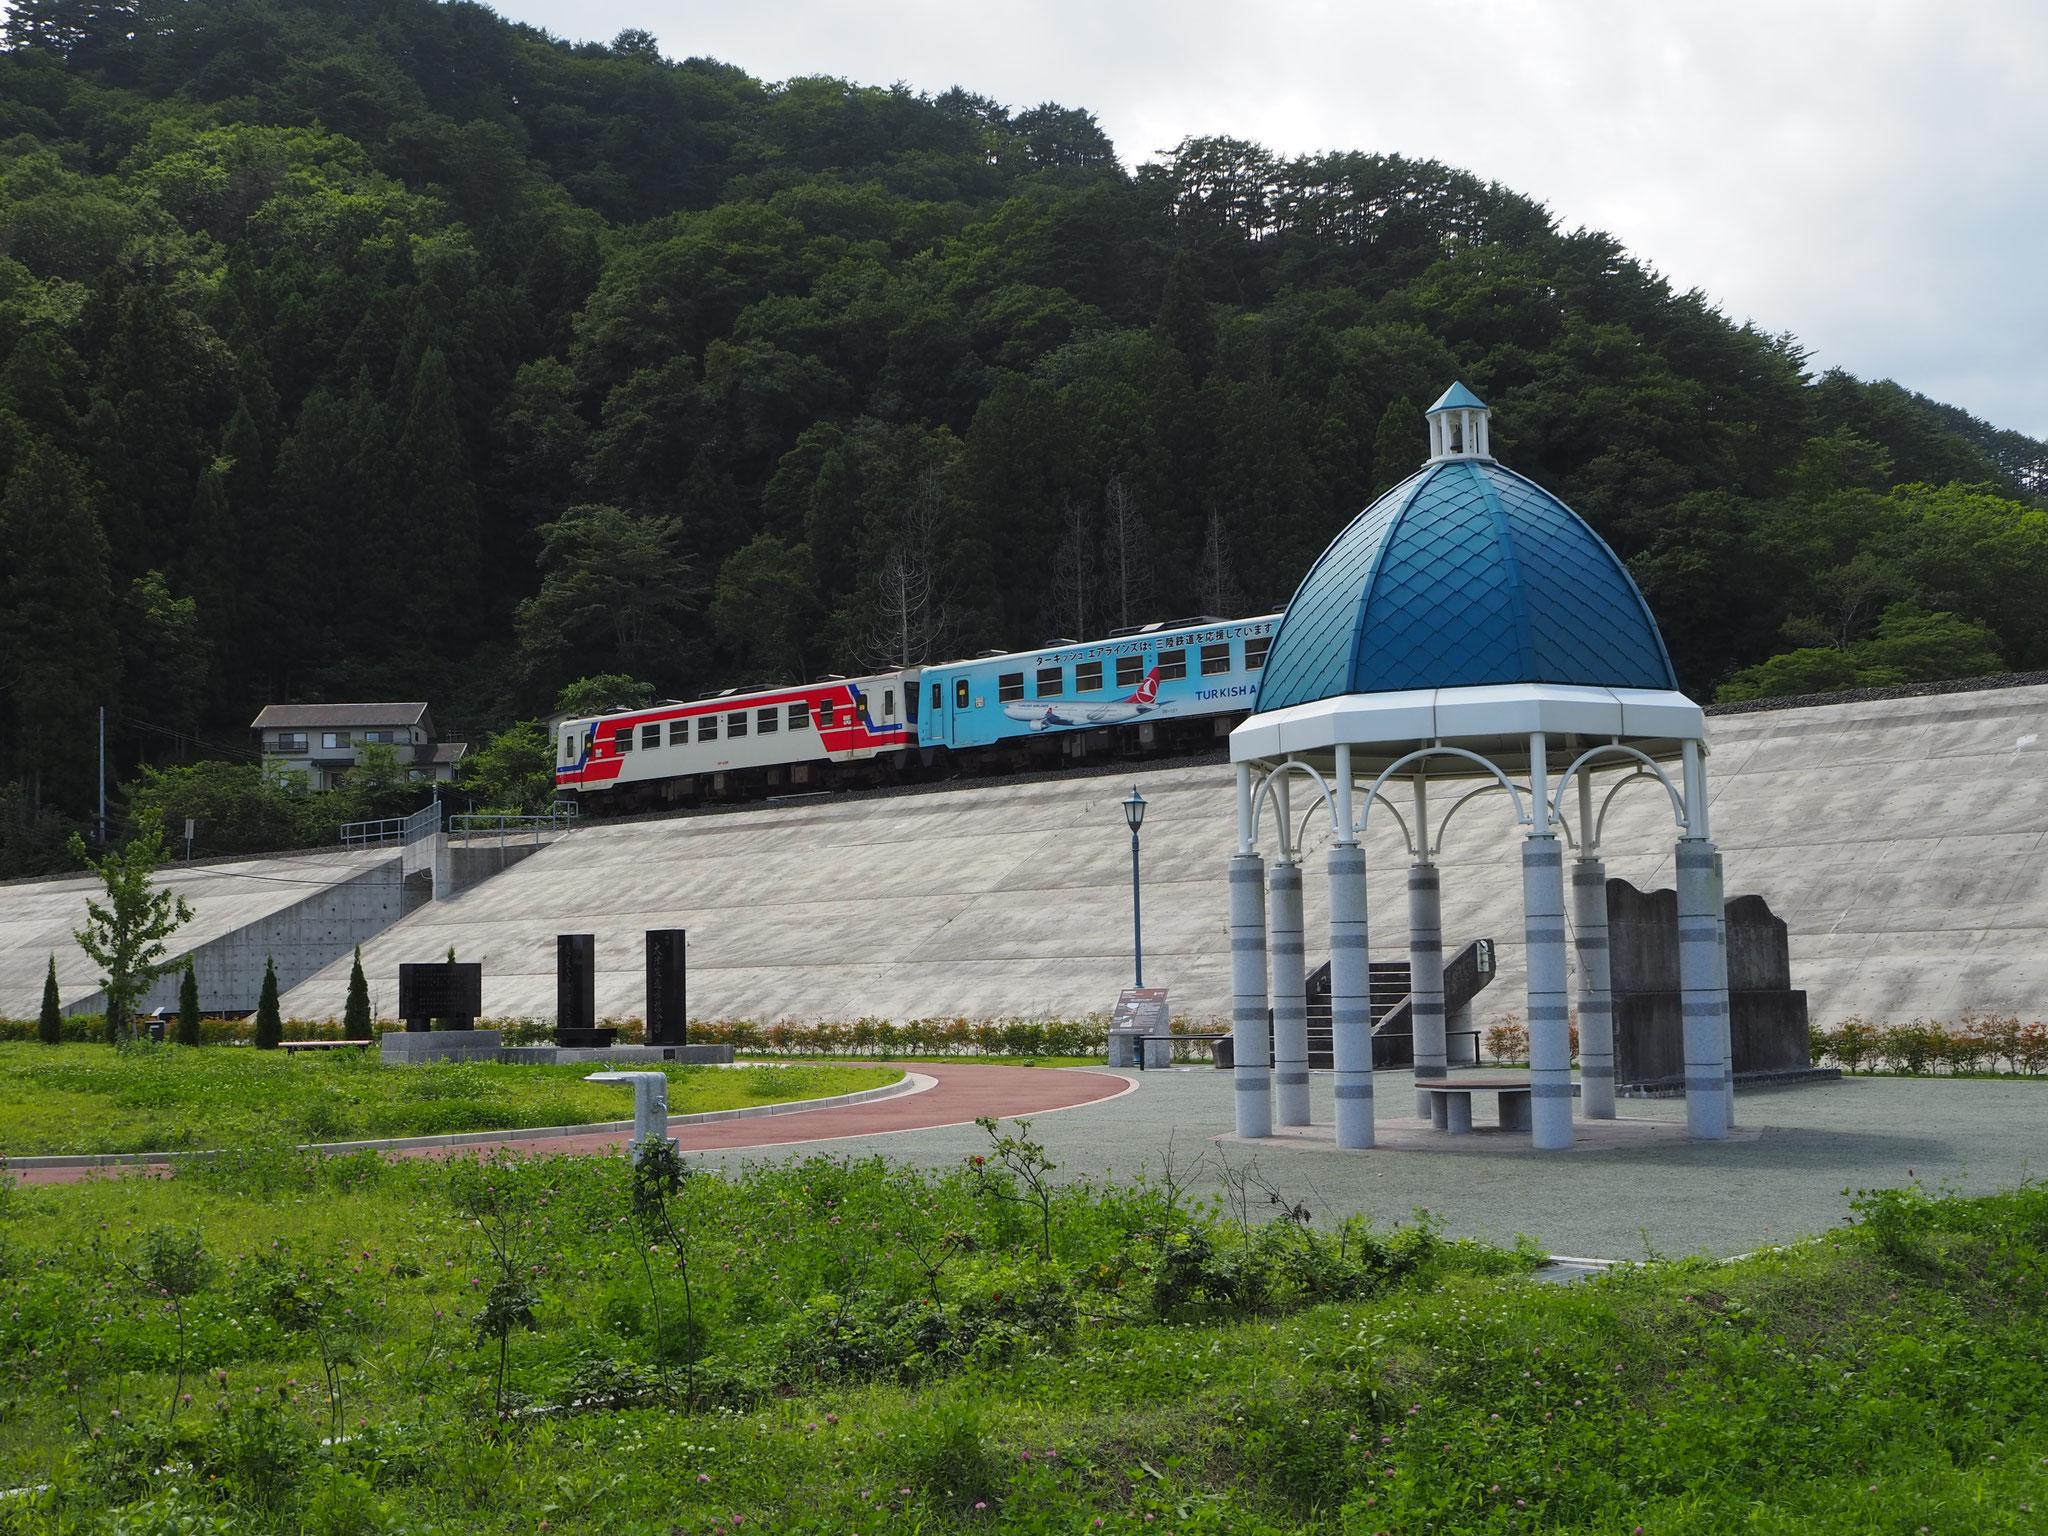 手前に見えるのは、旧駅舎のドーム型の屋根の部分